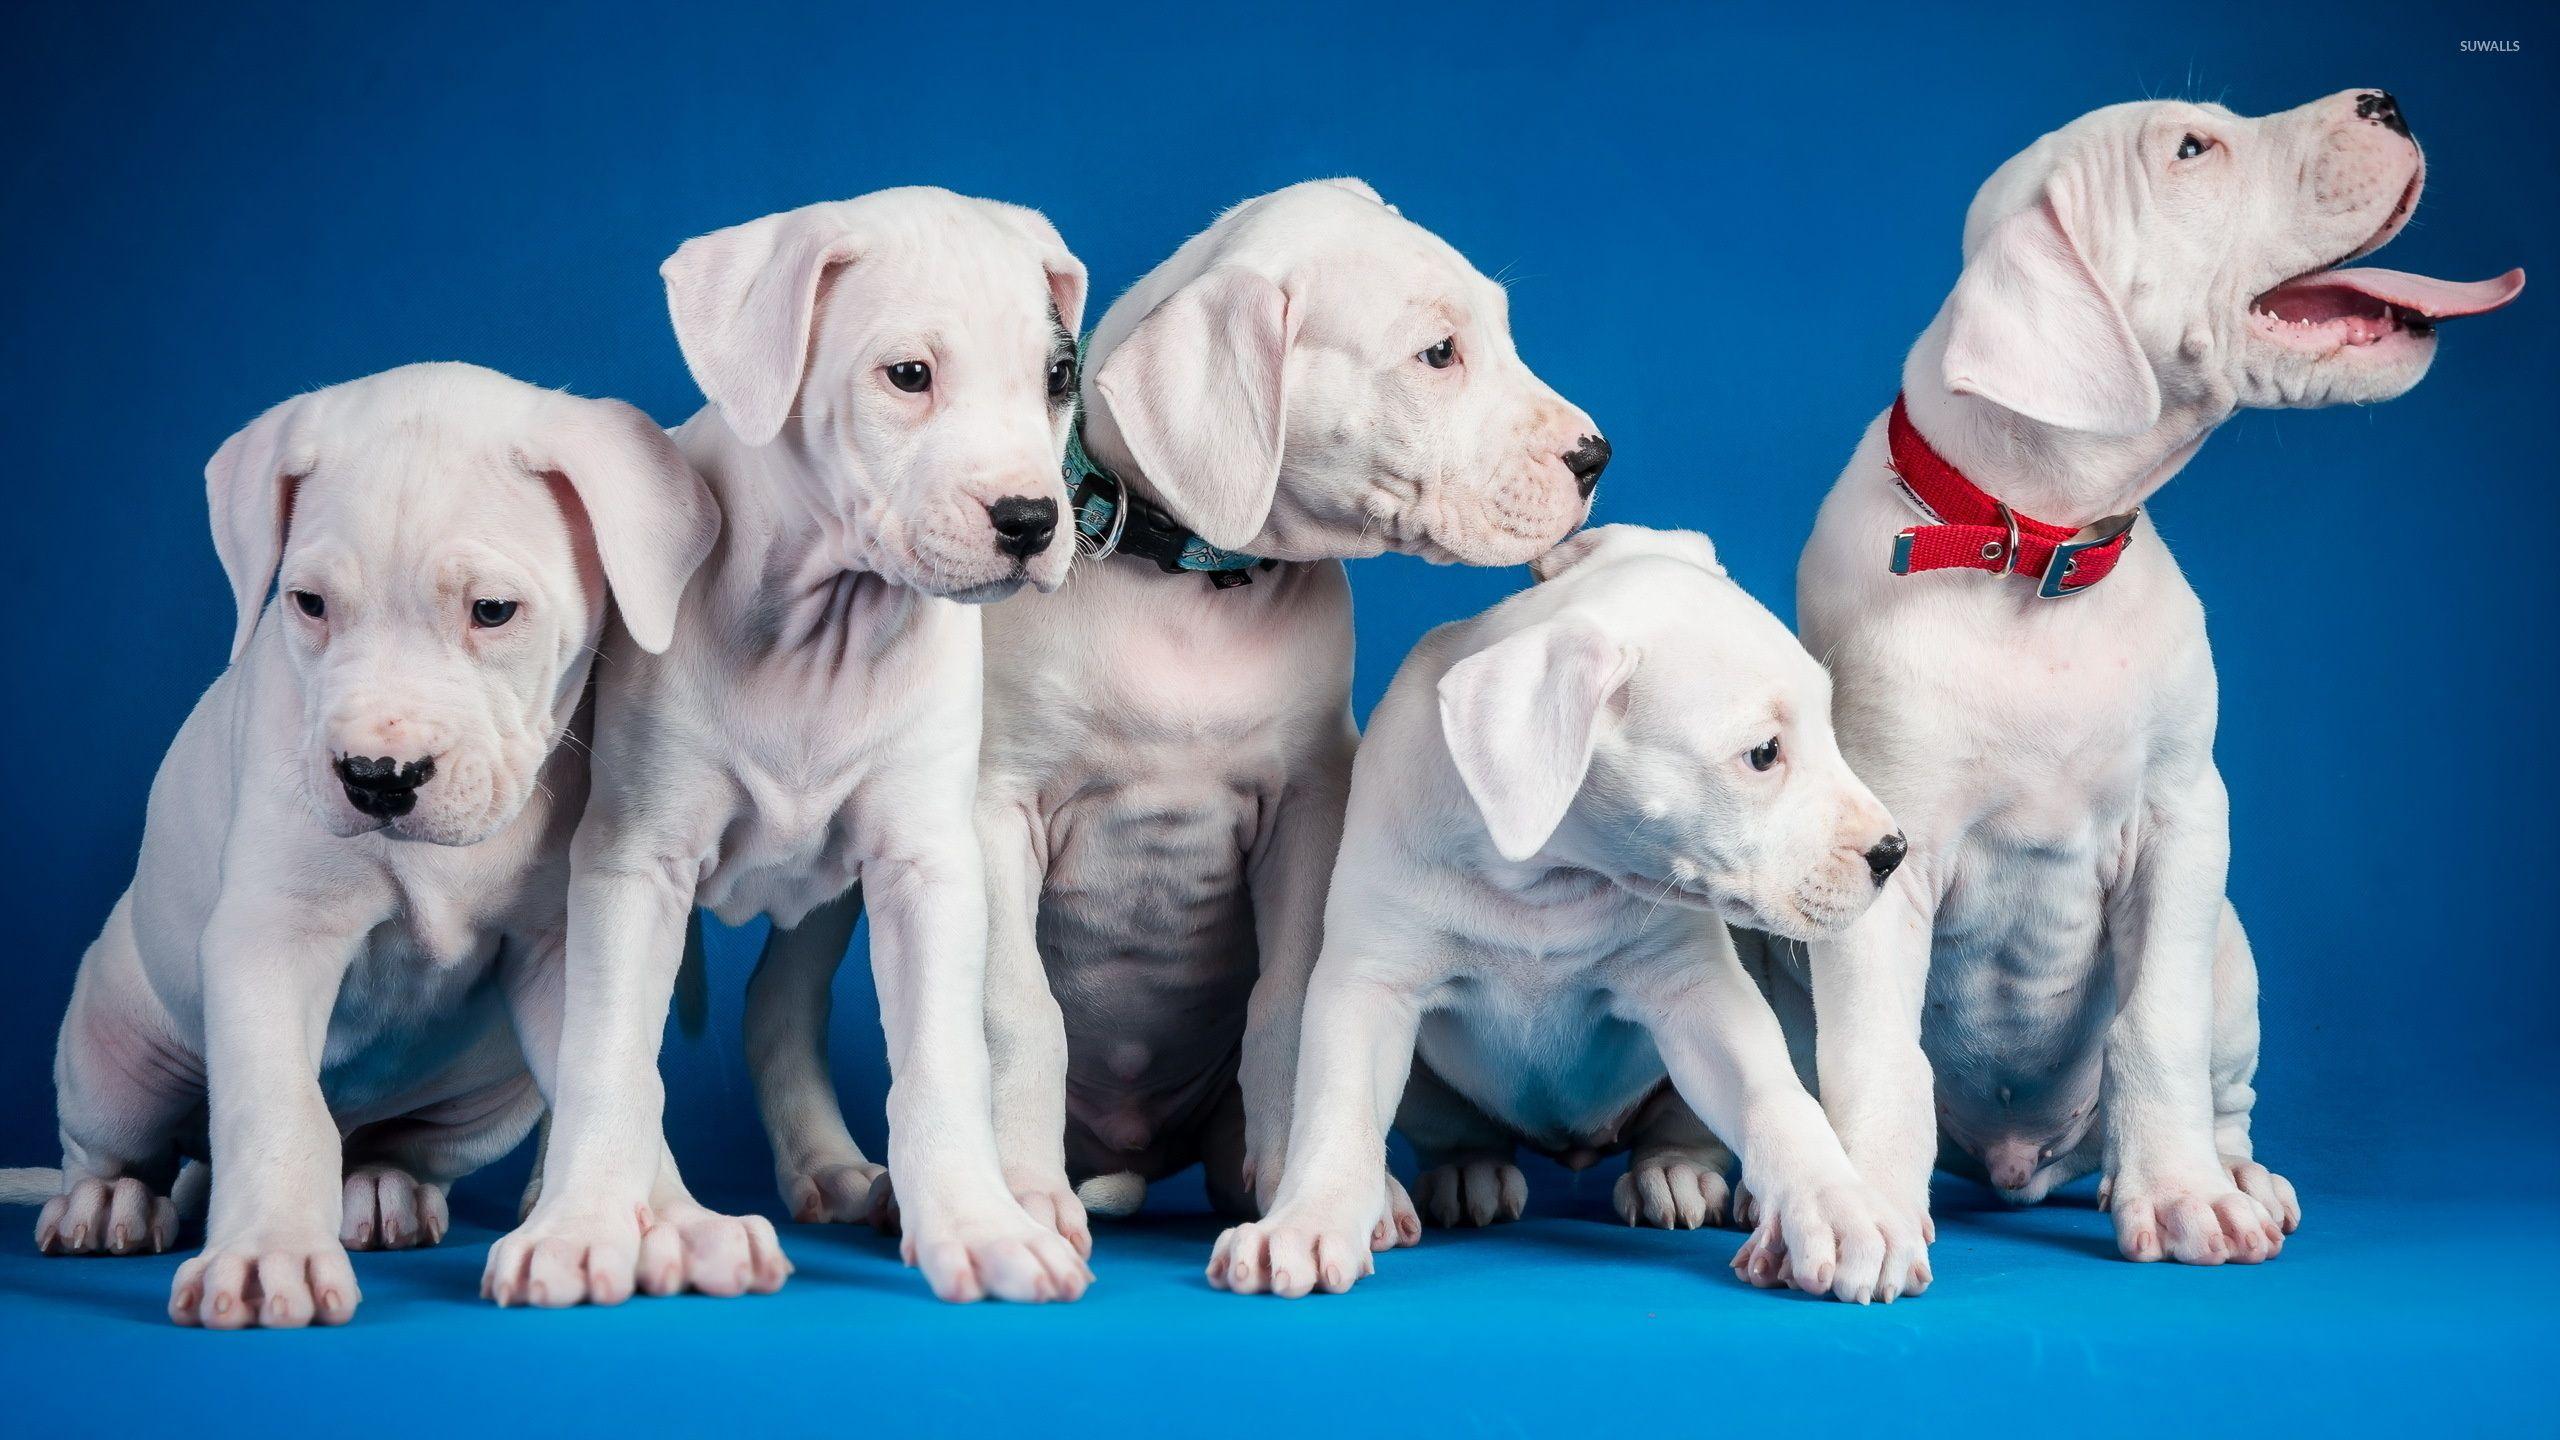 Cute white puppies wallpaper walldevil art wallpapers pinterest